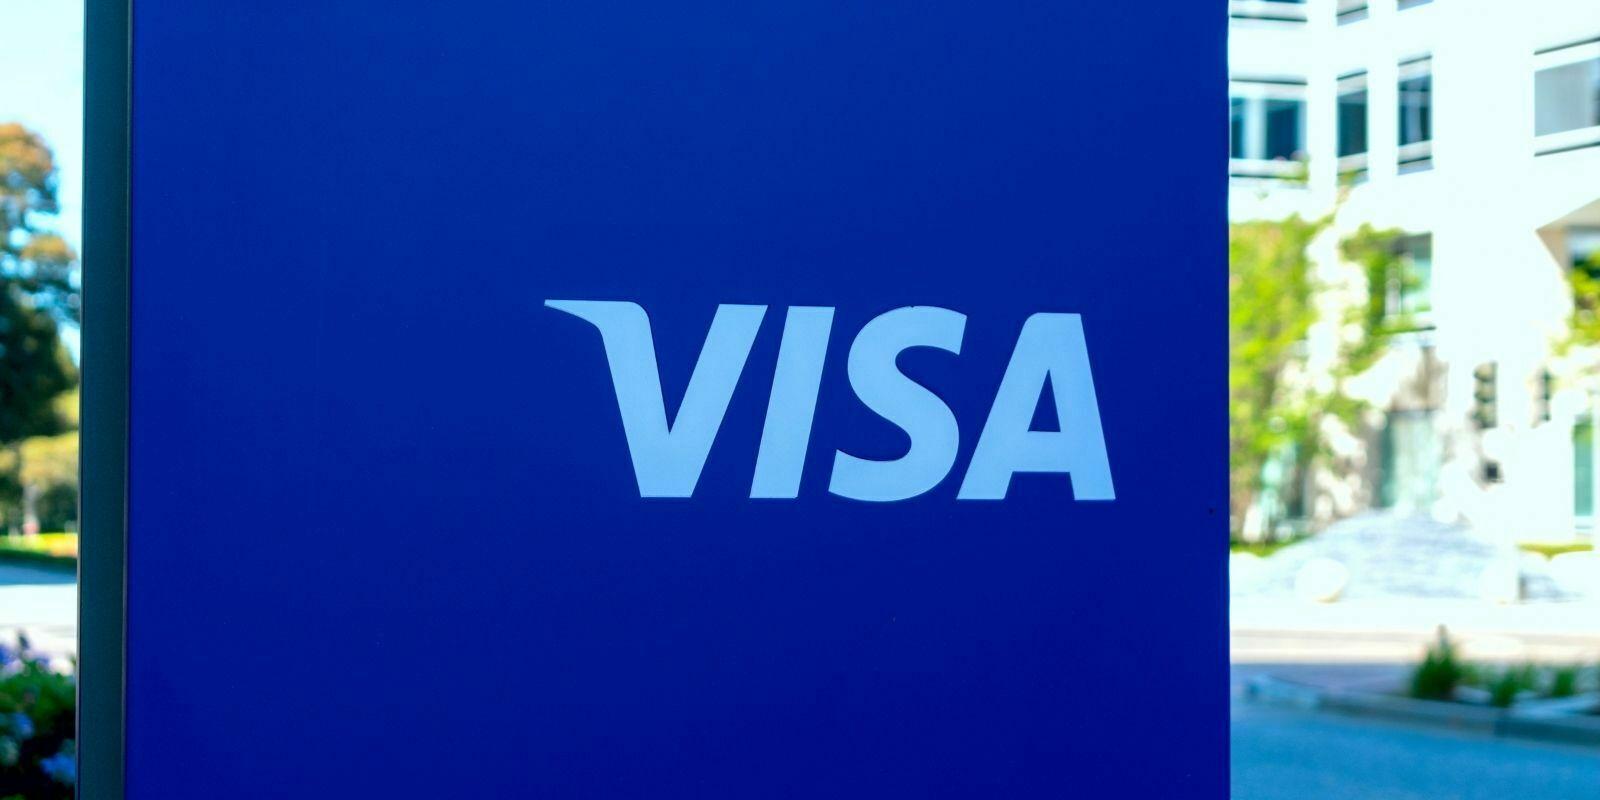 Visa s'associe à Circle pour intégrer l'USDC à son réseau de paiement